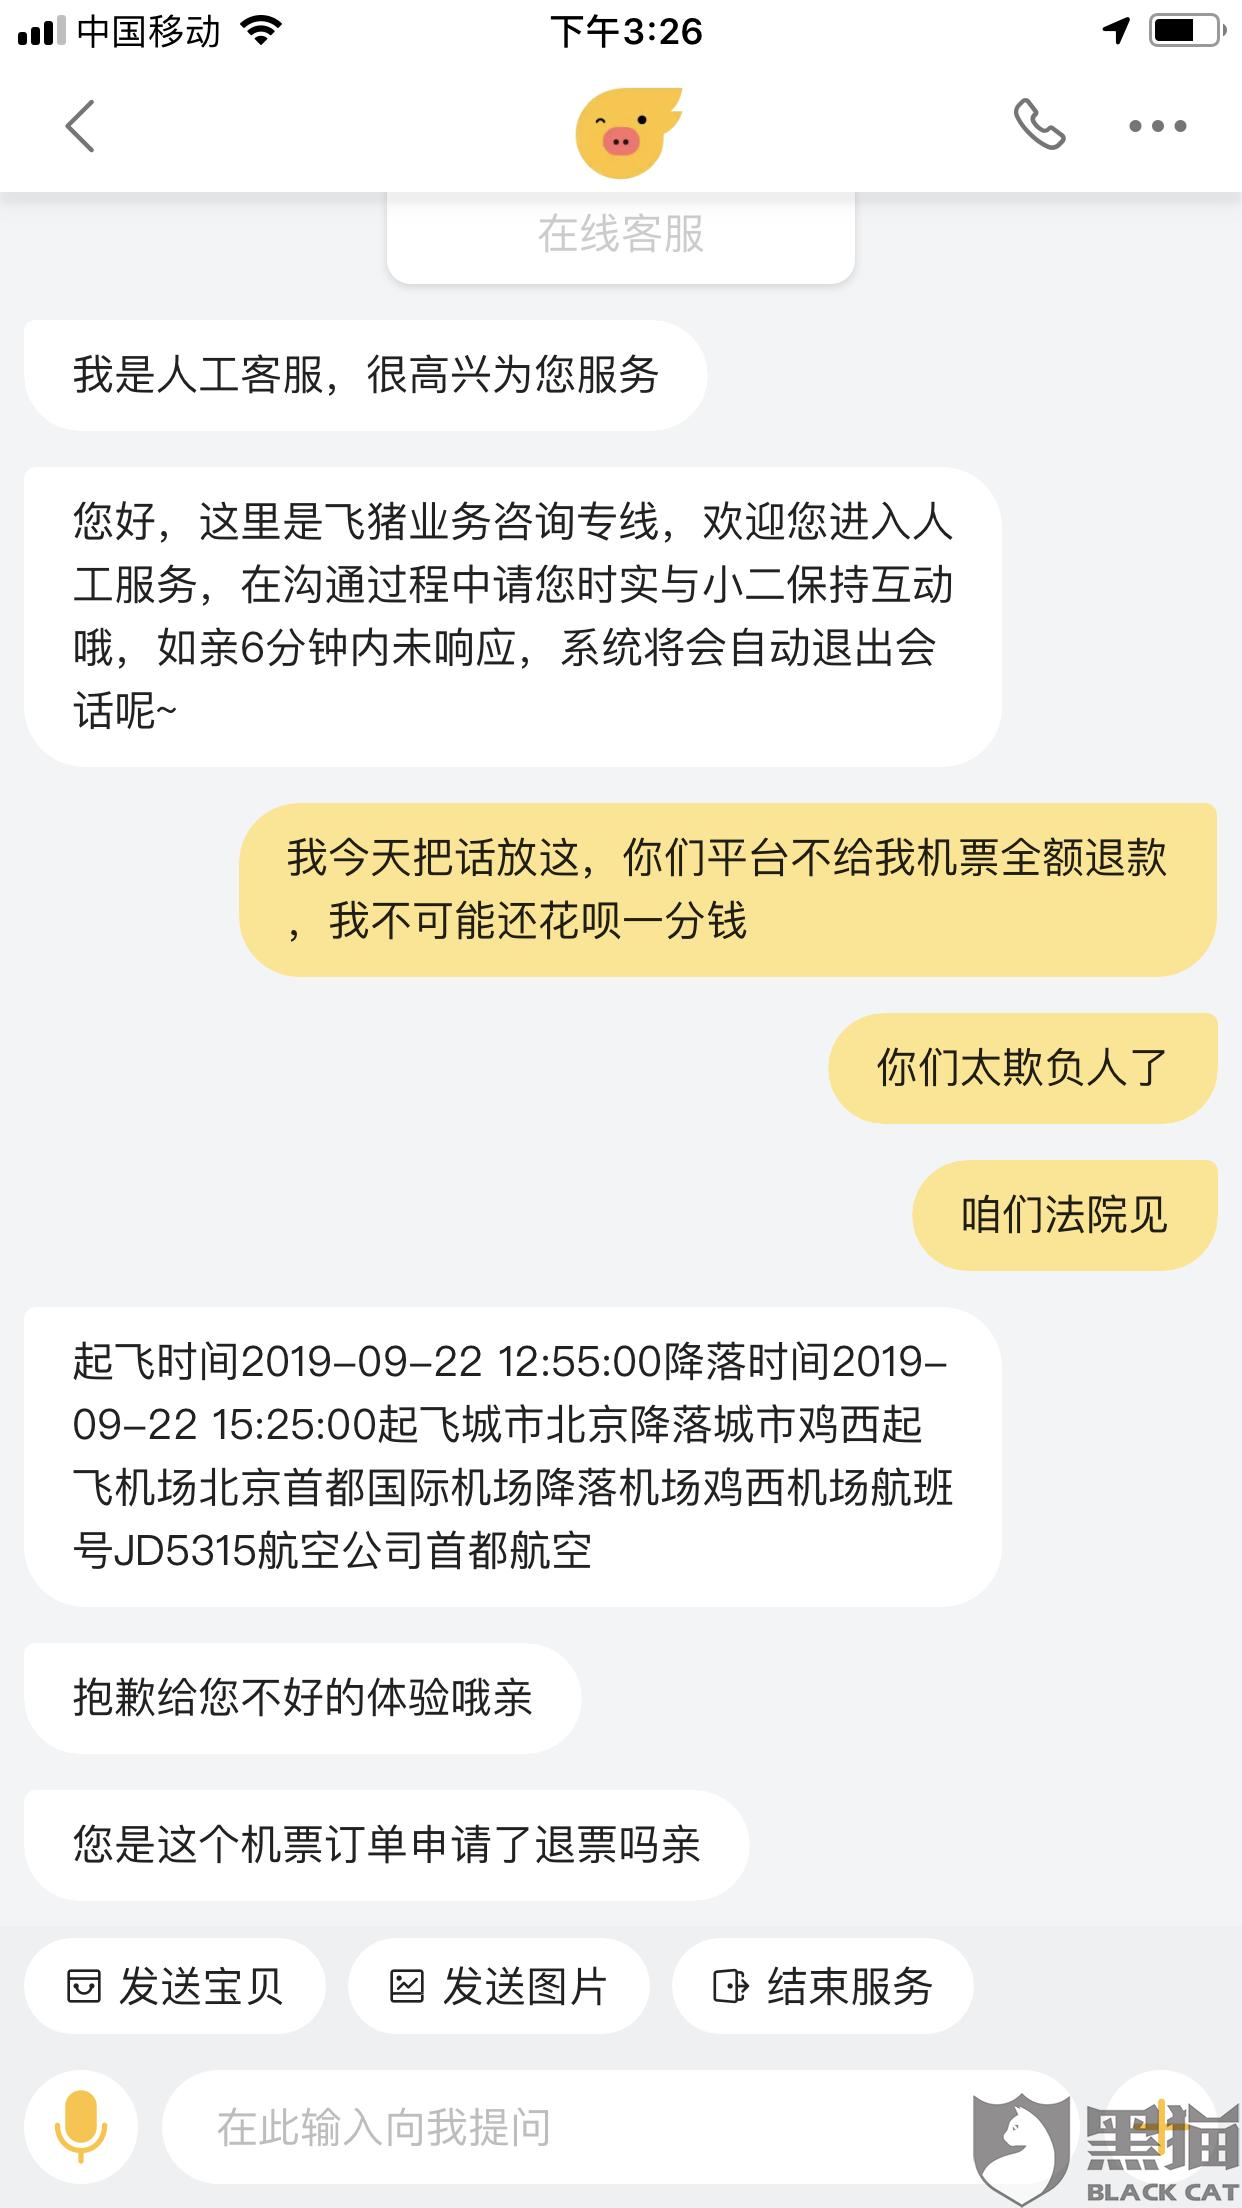 黑猫投诉:飞猪平台问题导致购买机票日期错误,让客户自行买单